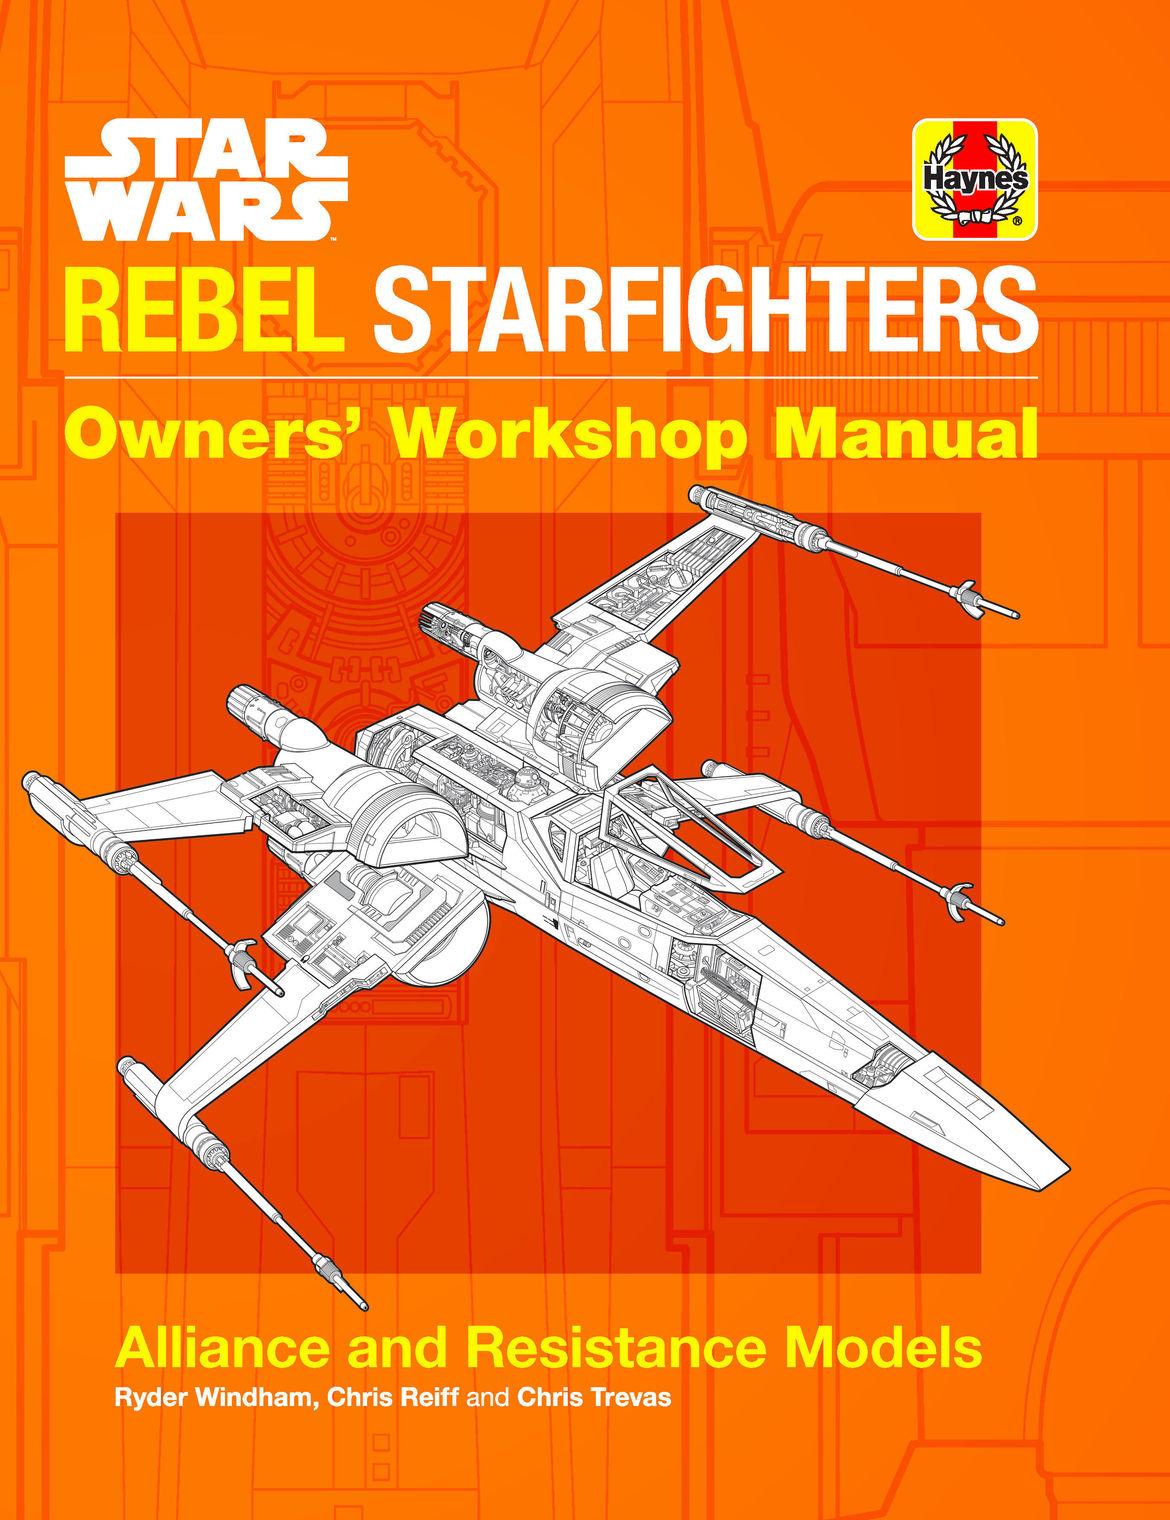 Star Wars: Rebel Starfighters Owners' Workshop Manual first look